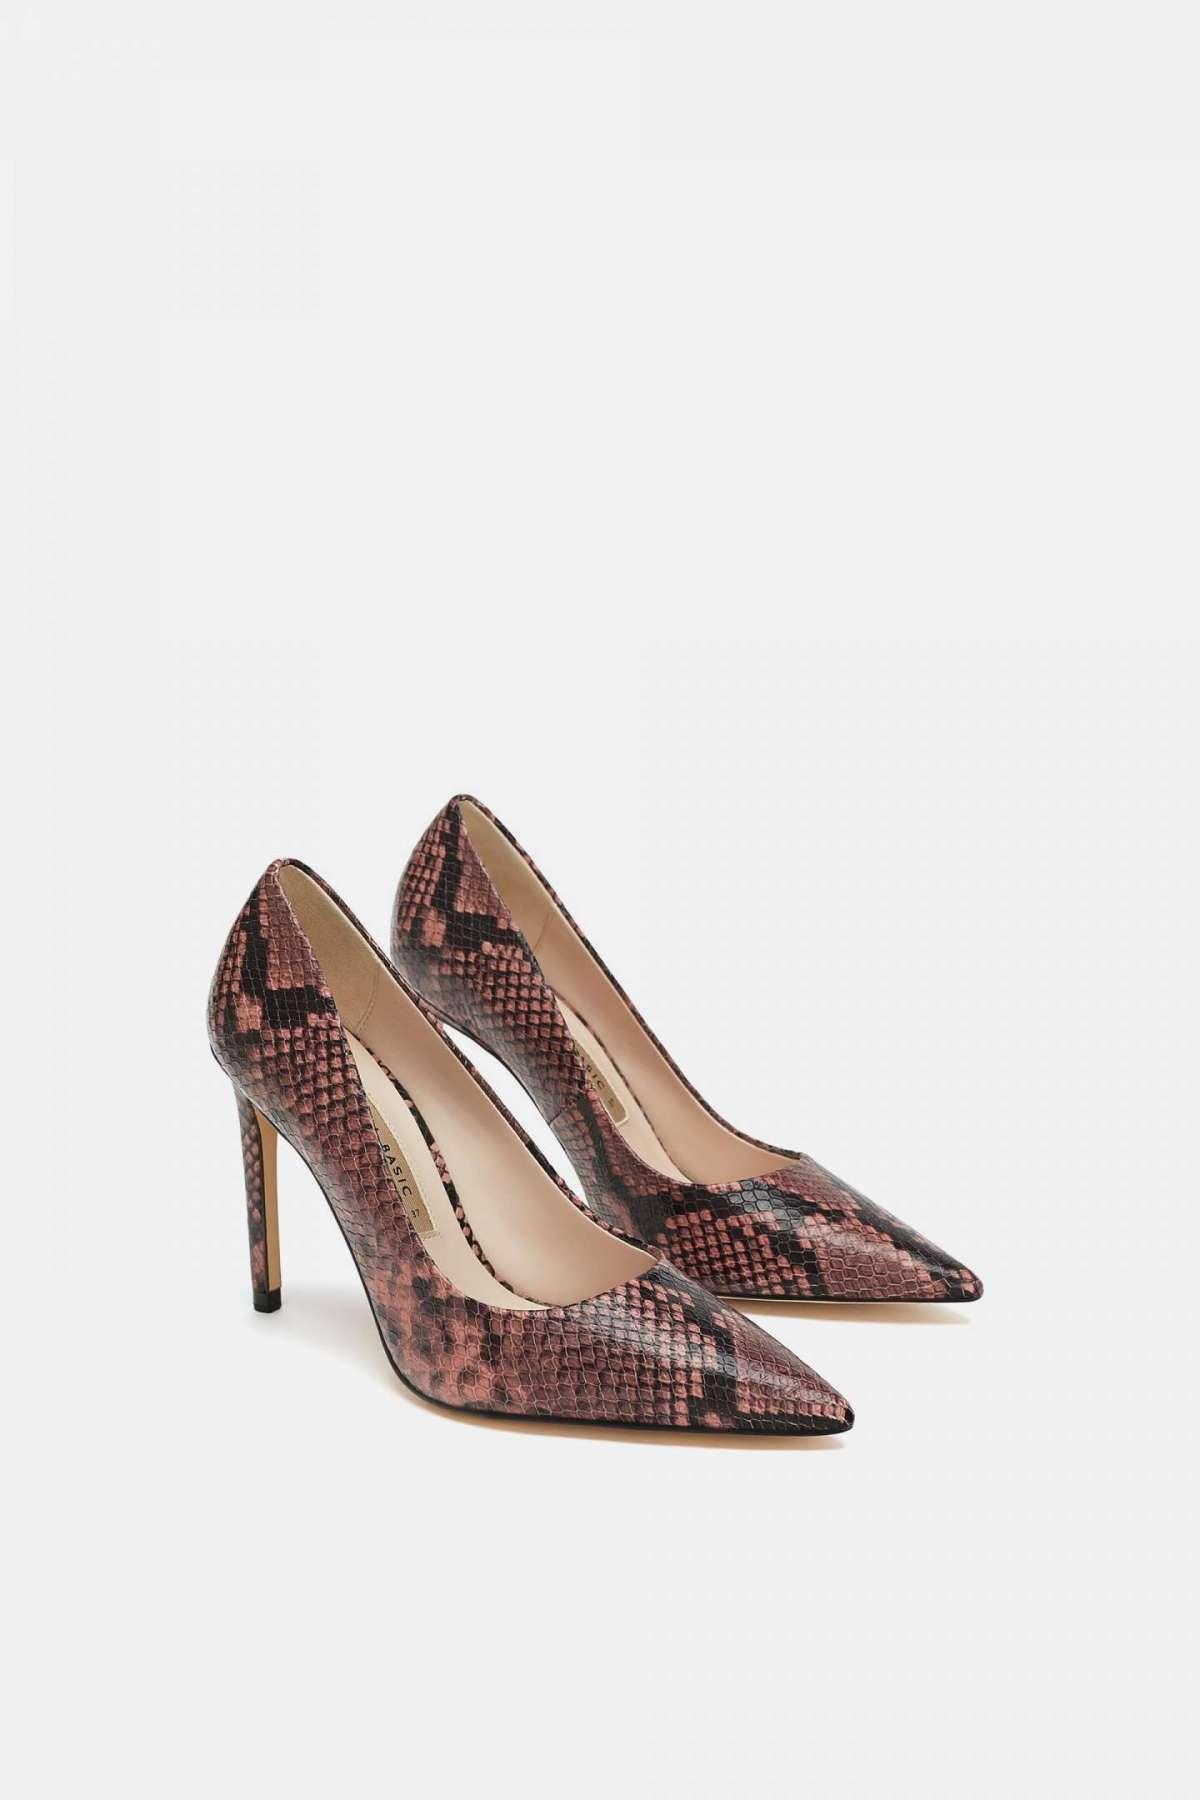 Scarpe con tacco a punta Zara a 49,95 euro